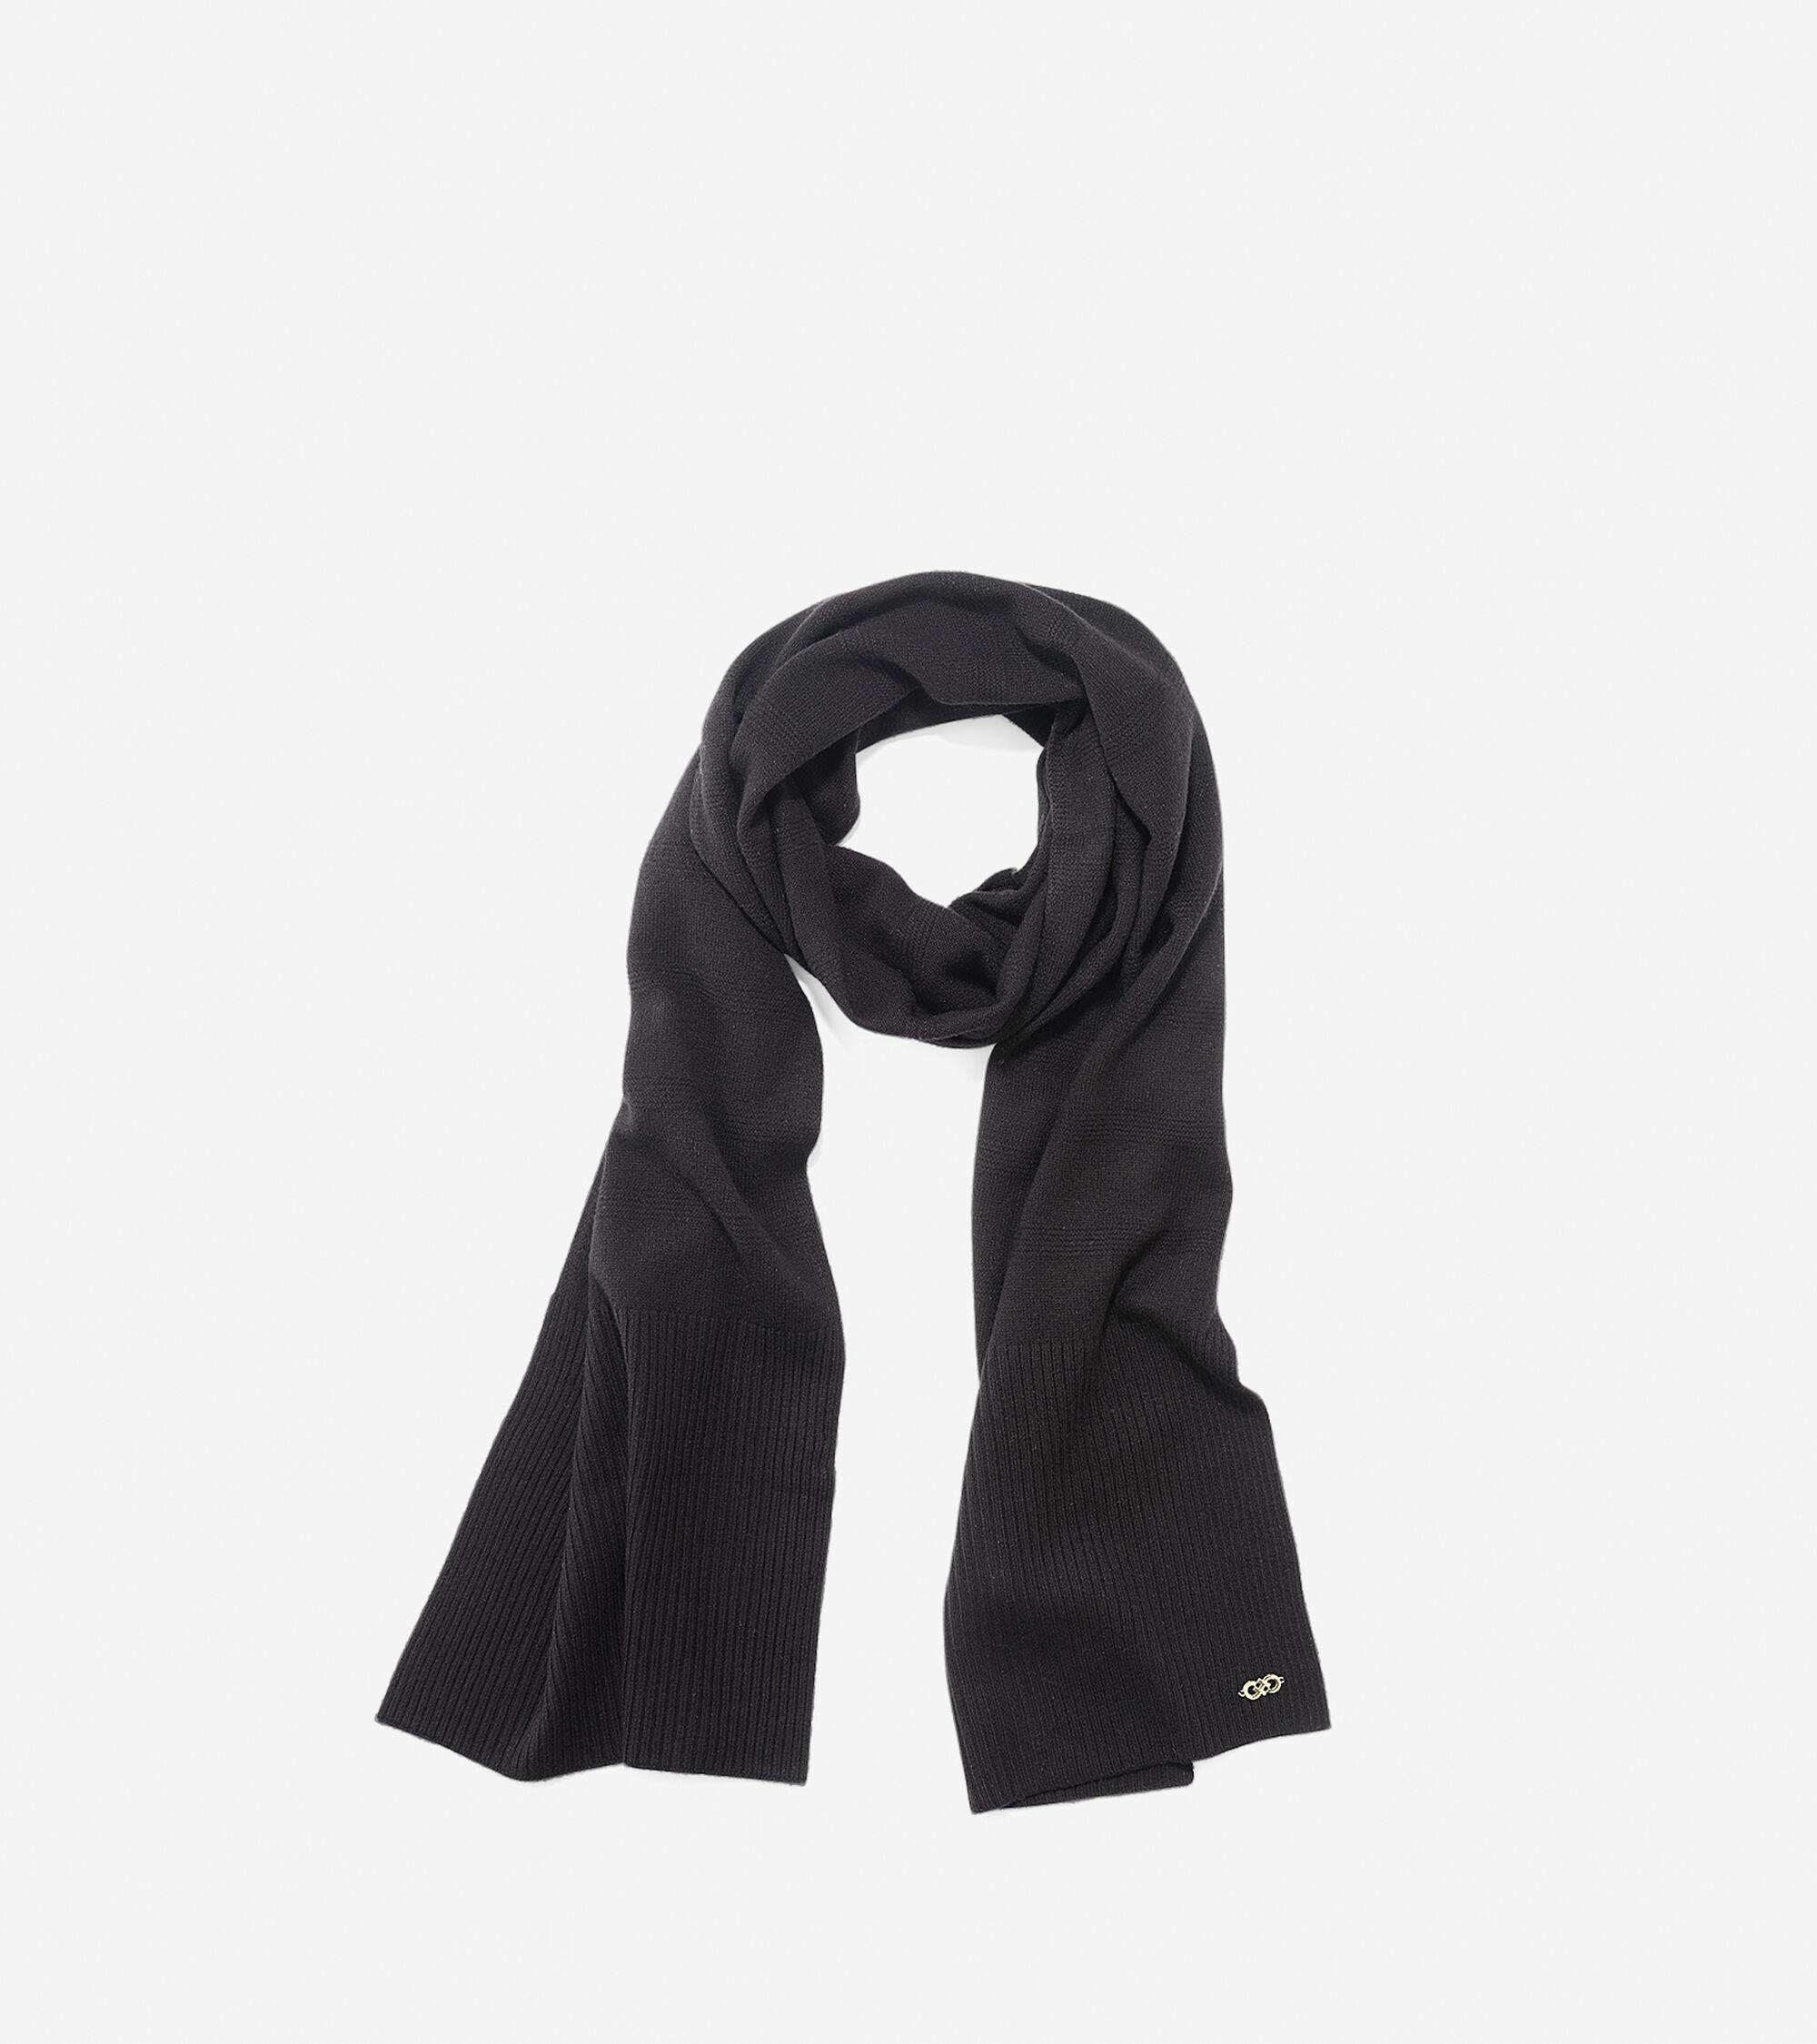 Gloves & Scarves > Cashmere/Wool Blend Muffler